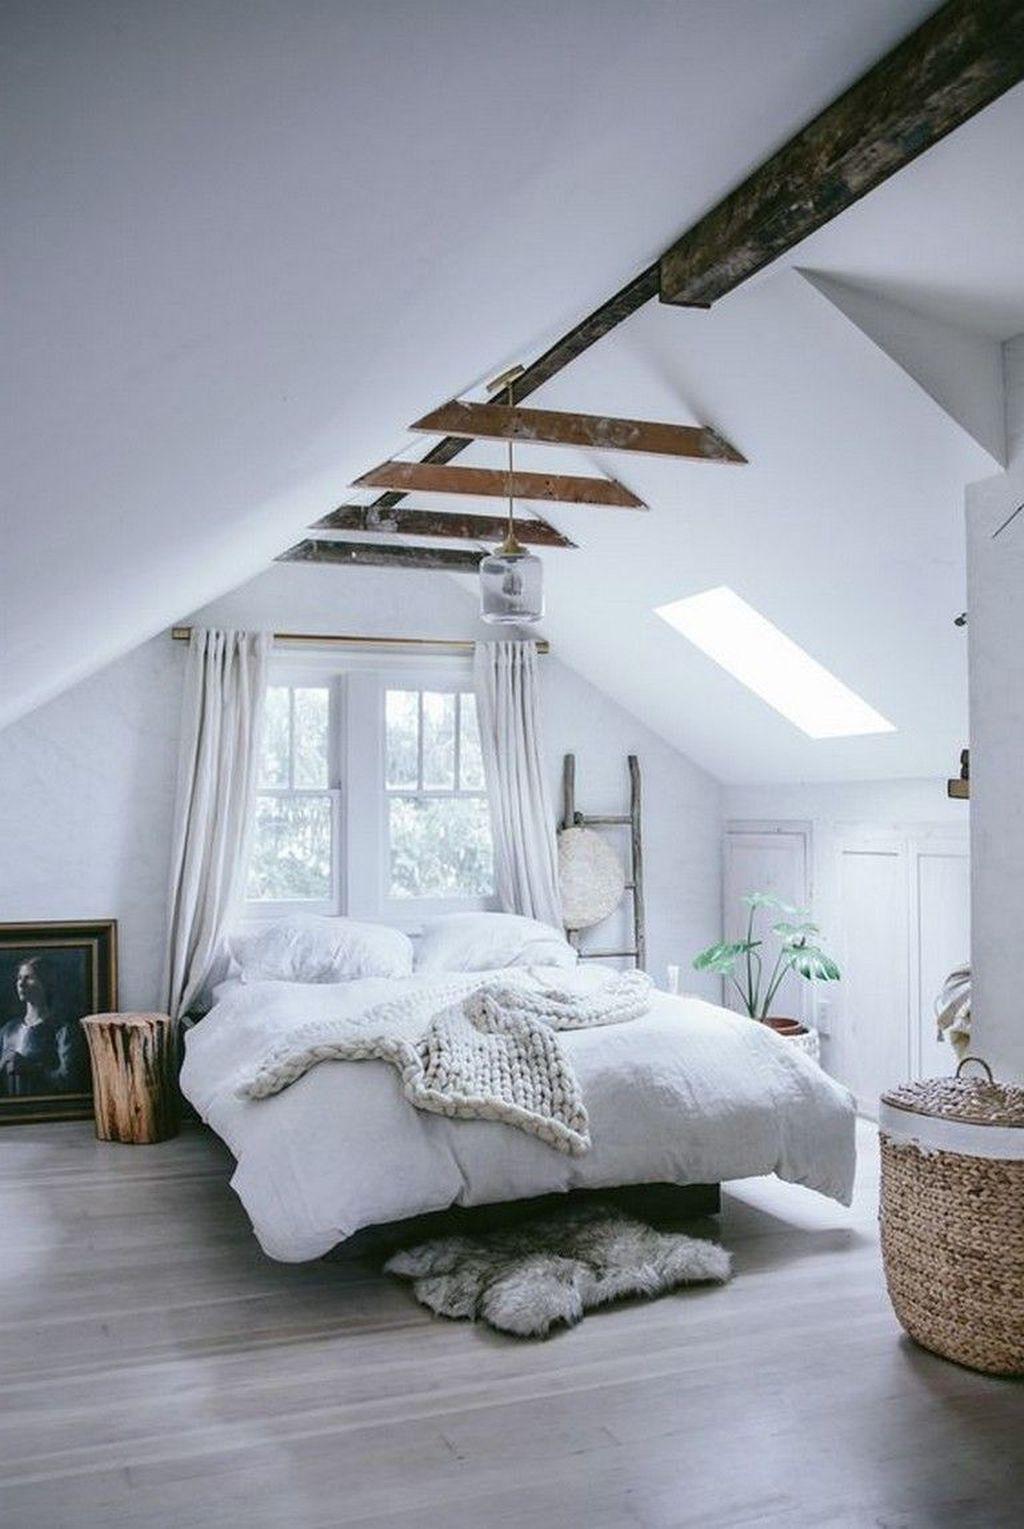 30 Stunning Small Attic Bedroom Design Ideas Small Loft Bedroom